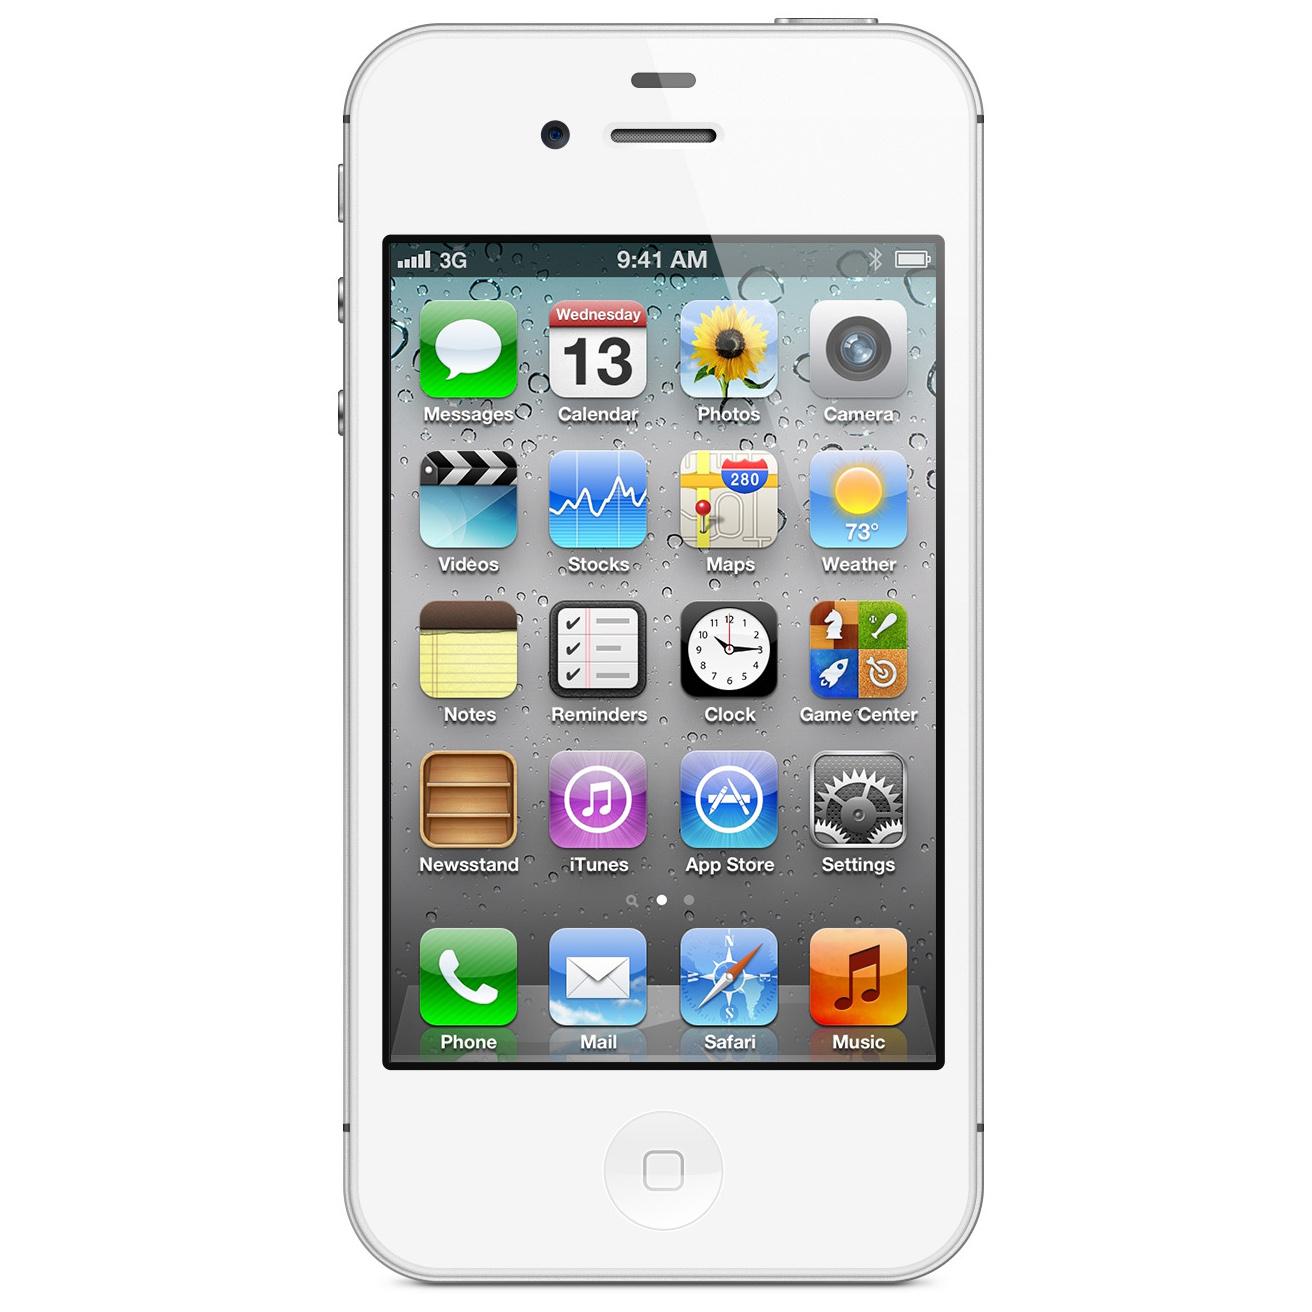 Айфон 4s отзывы